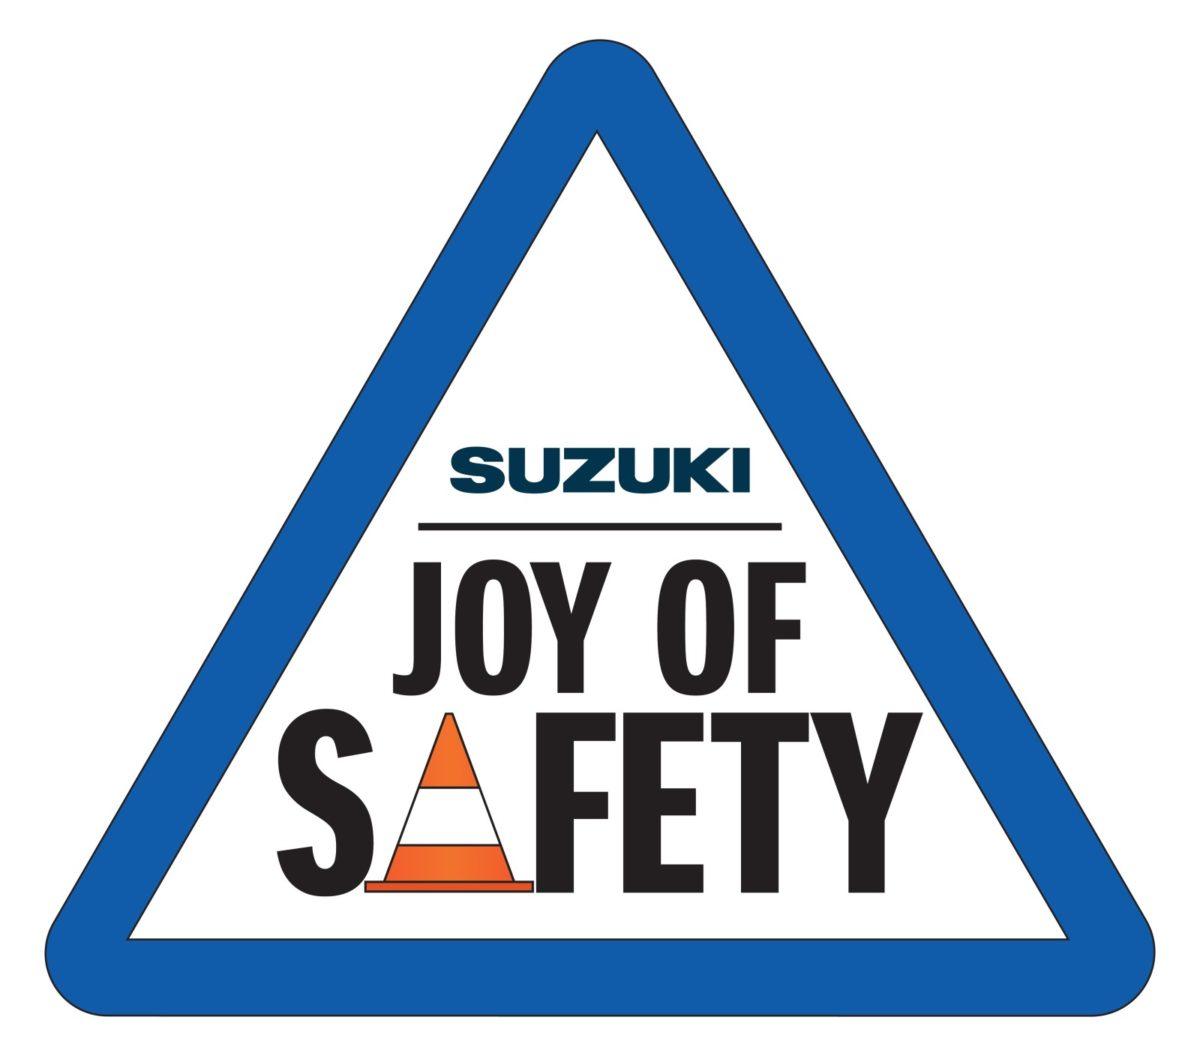 Suzuki Joy of Safety campaign